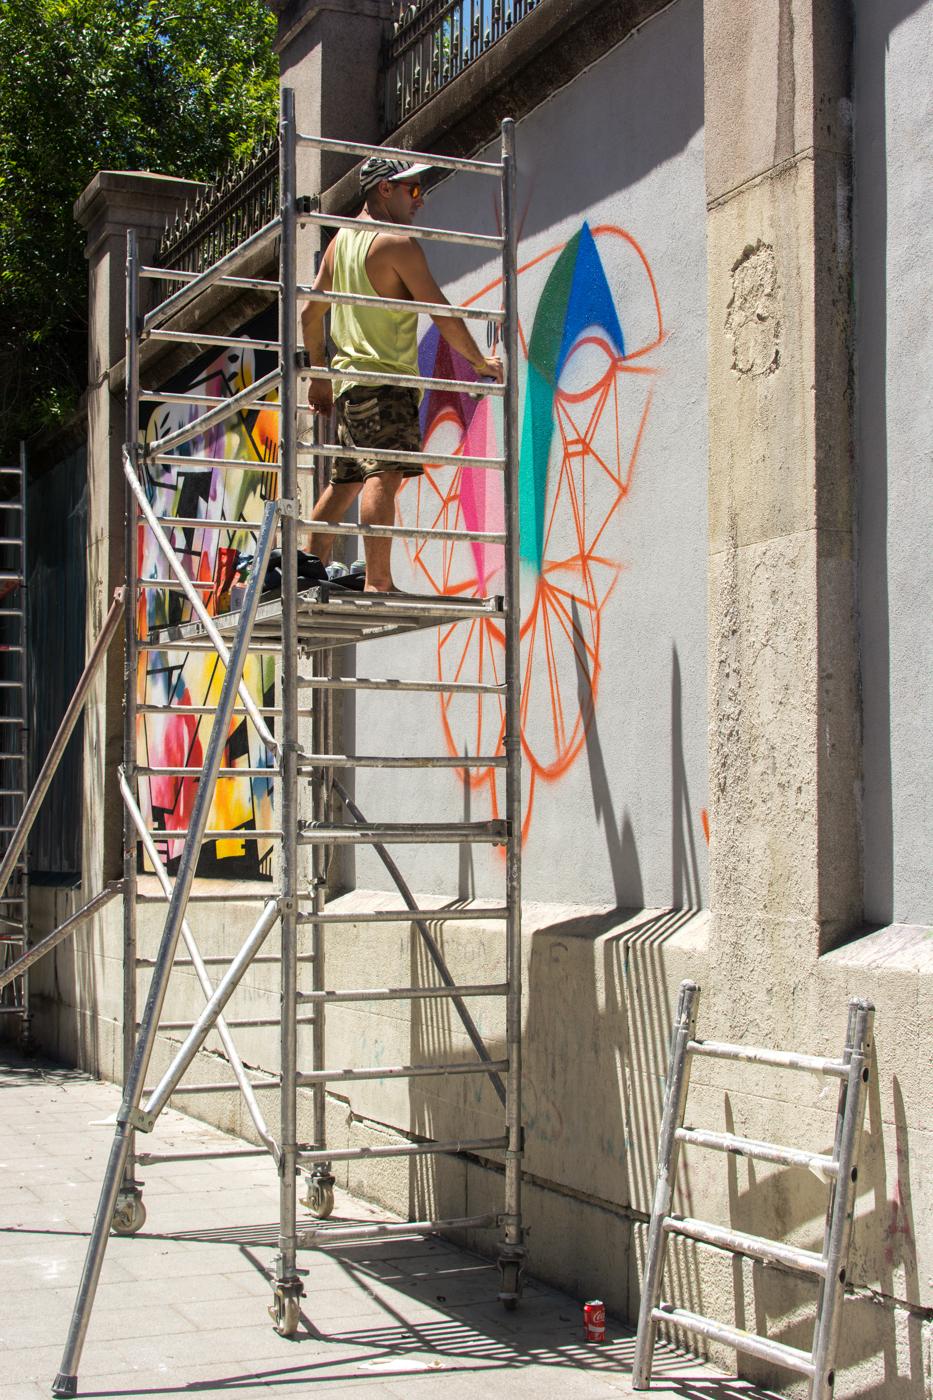 Okuda - MurosTabacalera by Guillermo de la Madrid - Madrid Street Art Project -037.jpg